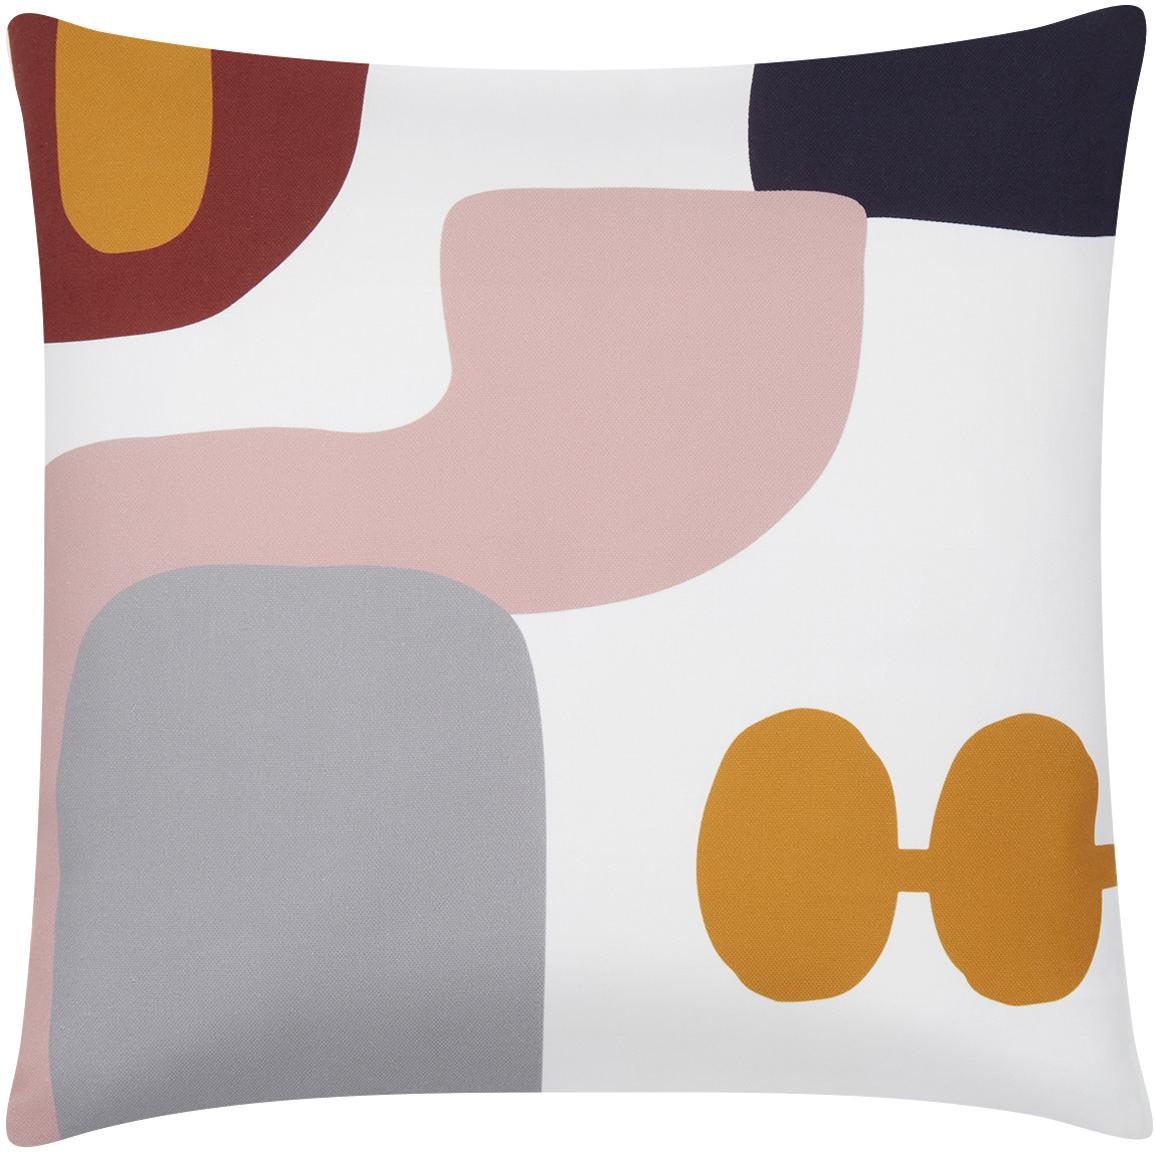 Kussenhoes Line met geometrische vormen, Weeftechniek: panama, Wit, multicolour, 40 x 40 cm